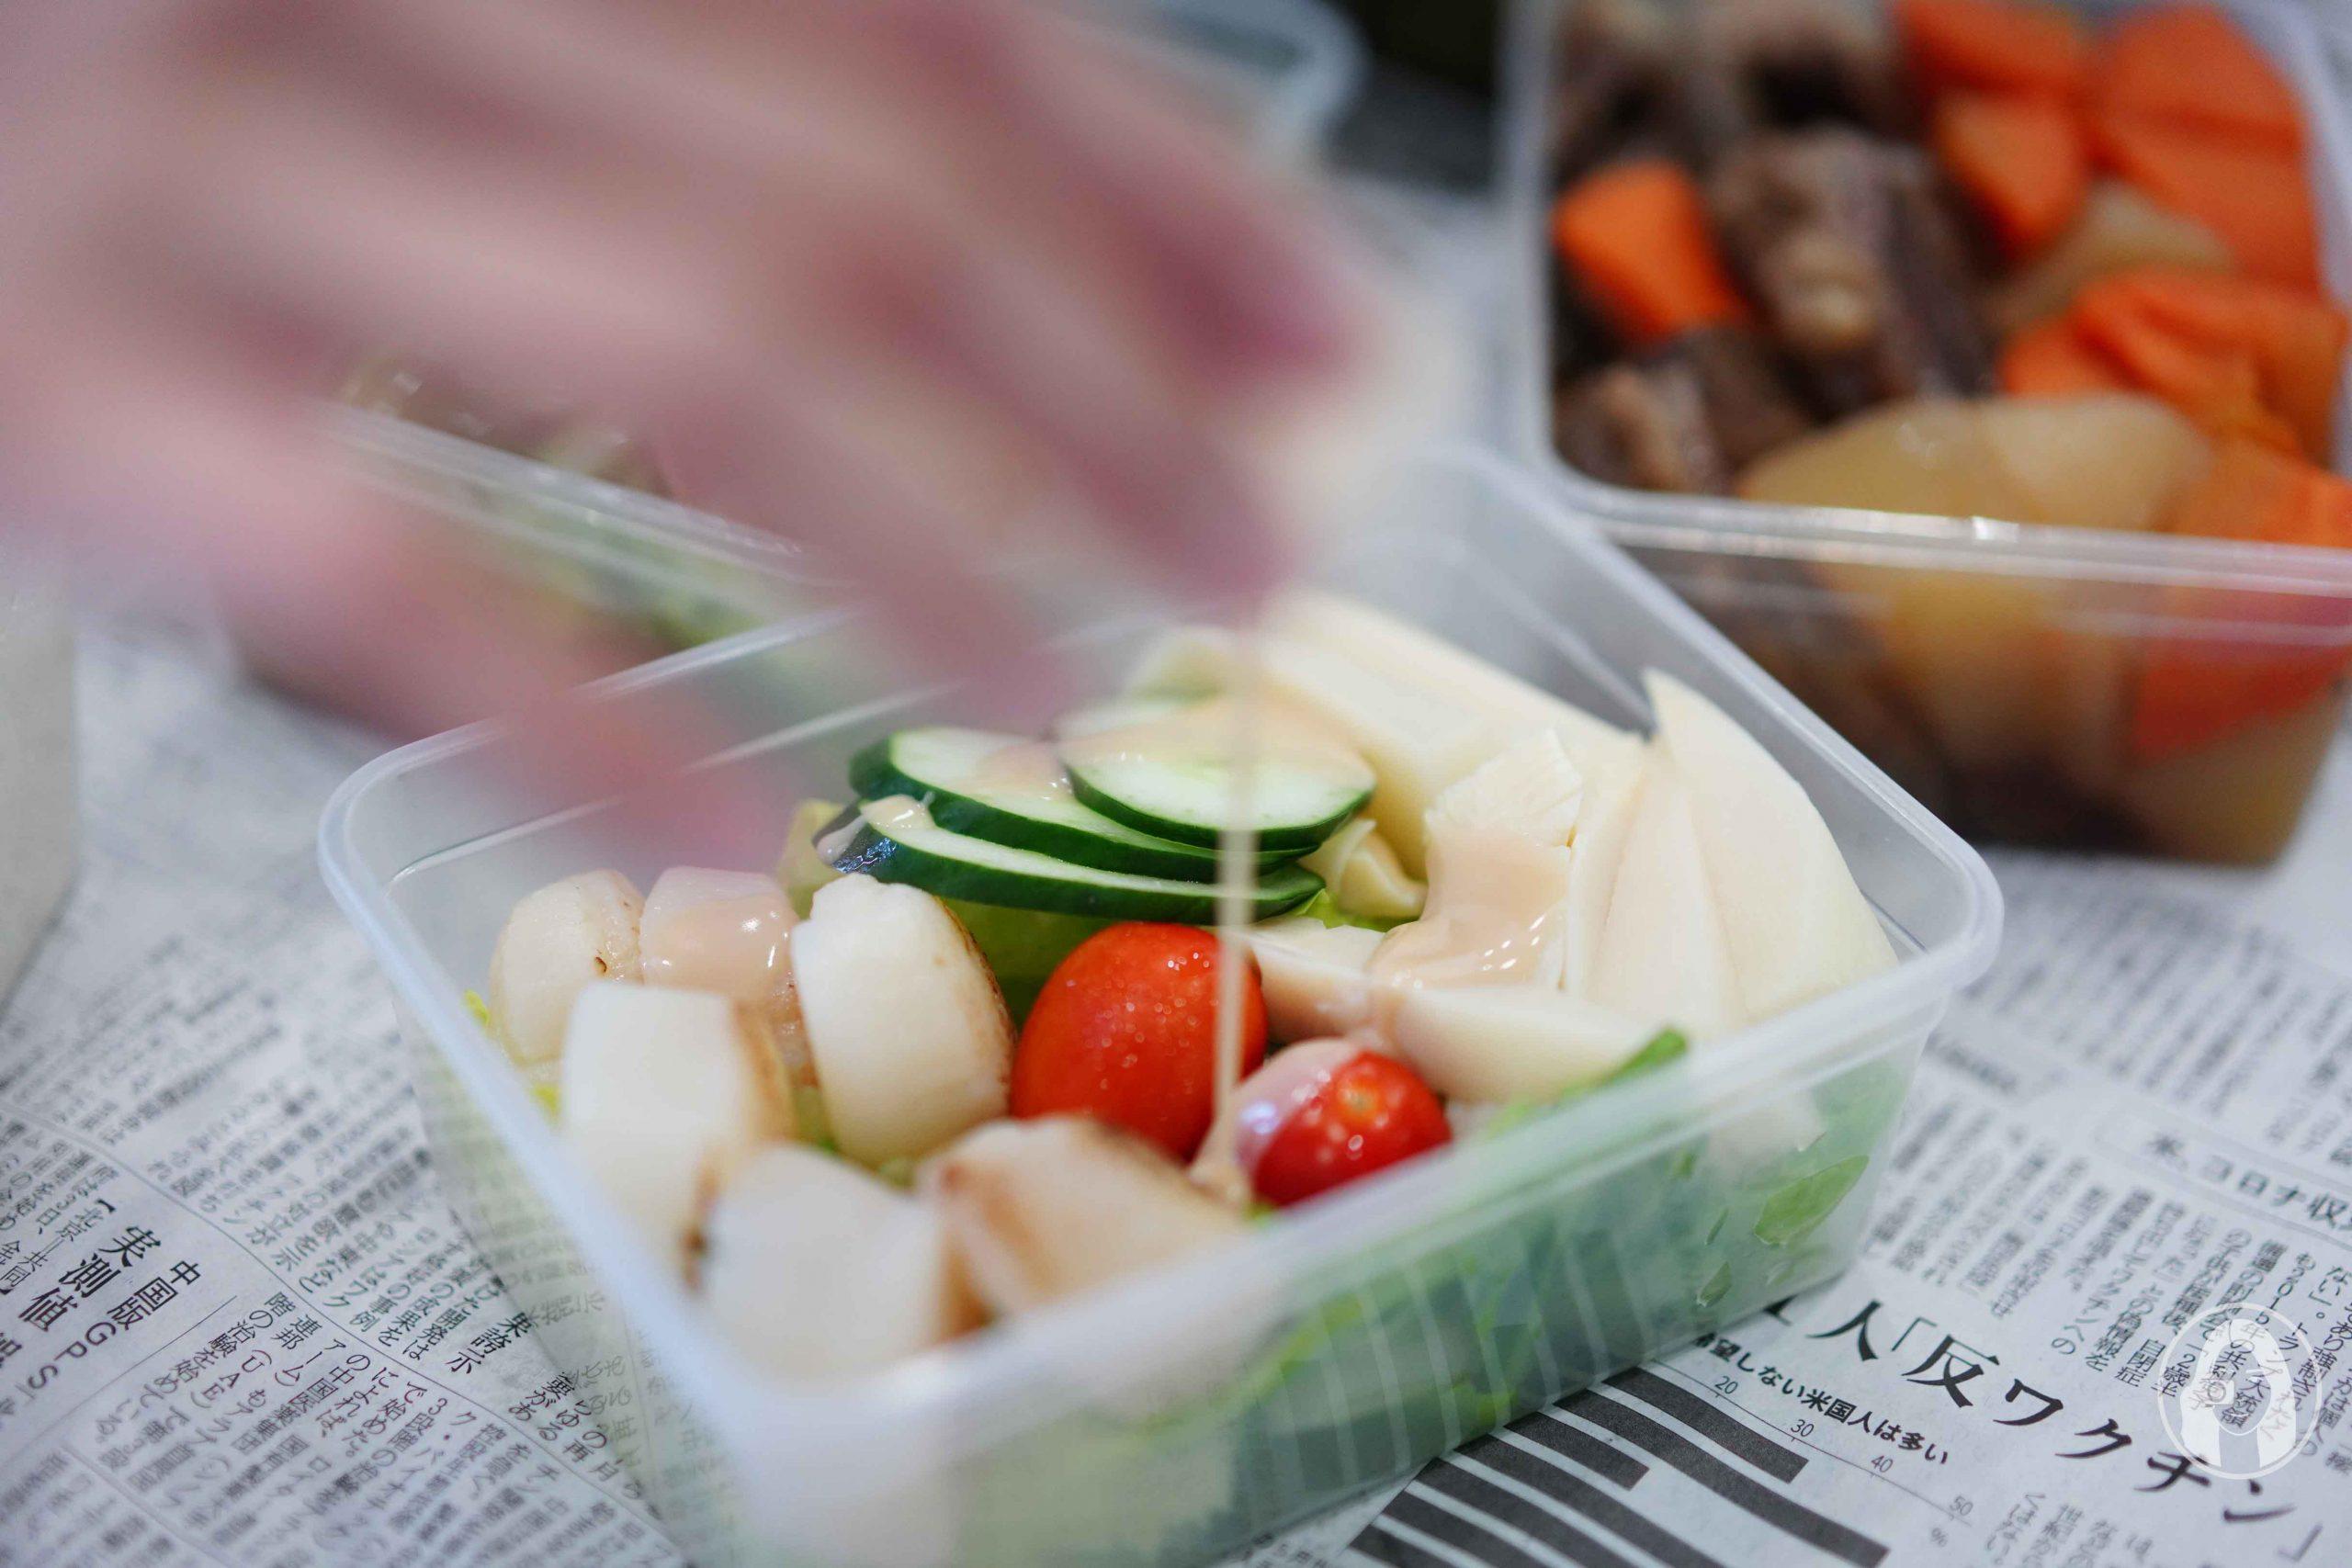 飯友揪起來!台北喜來登飯店五星級料理外帶分享餐,獨家 8 折優惠,宴會廳合菜千元有找吃飽飽